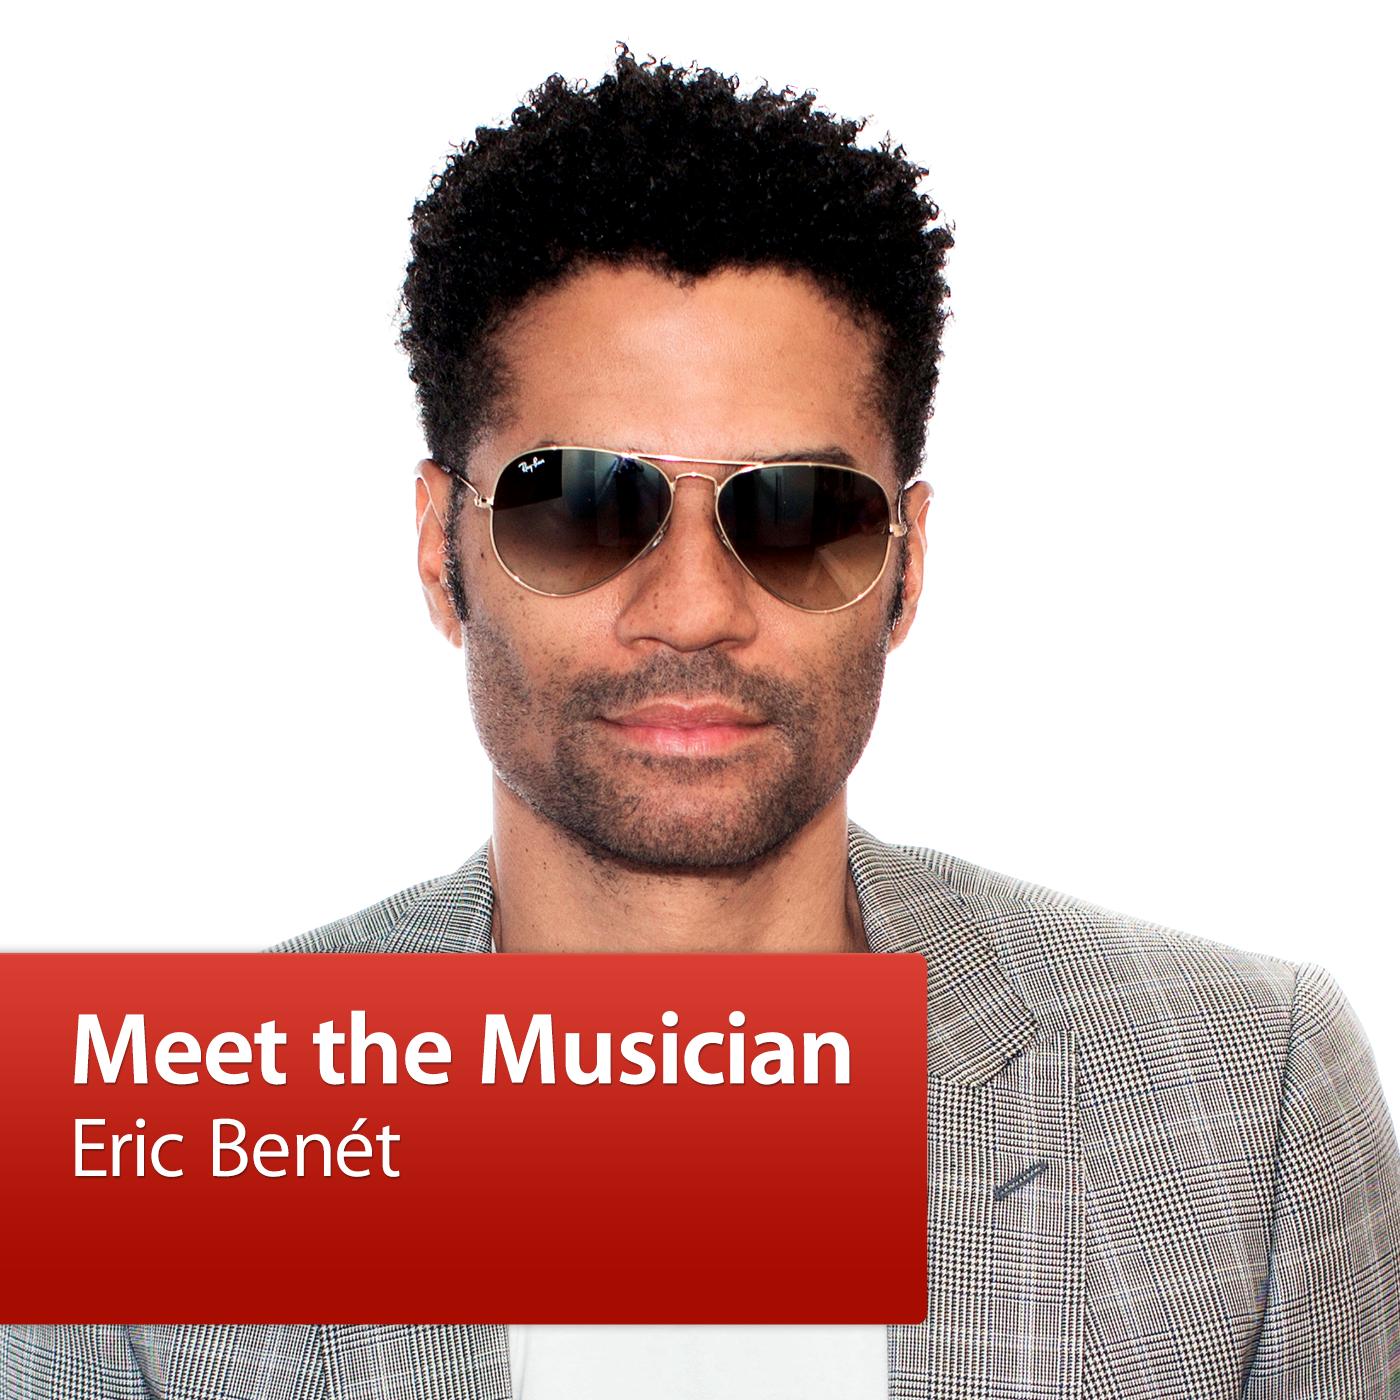 Eric Benét: Meet the Musician